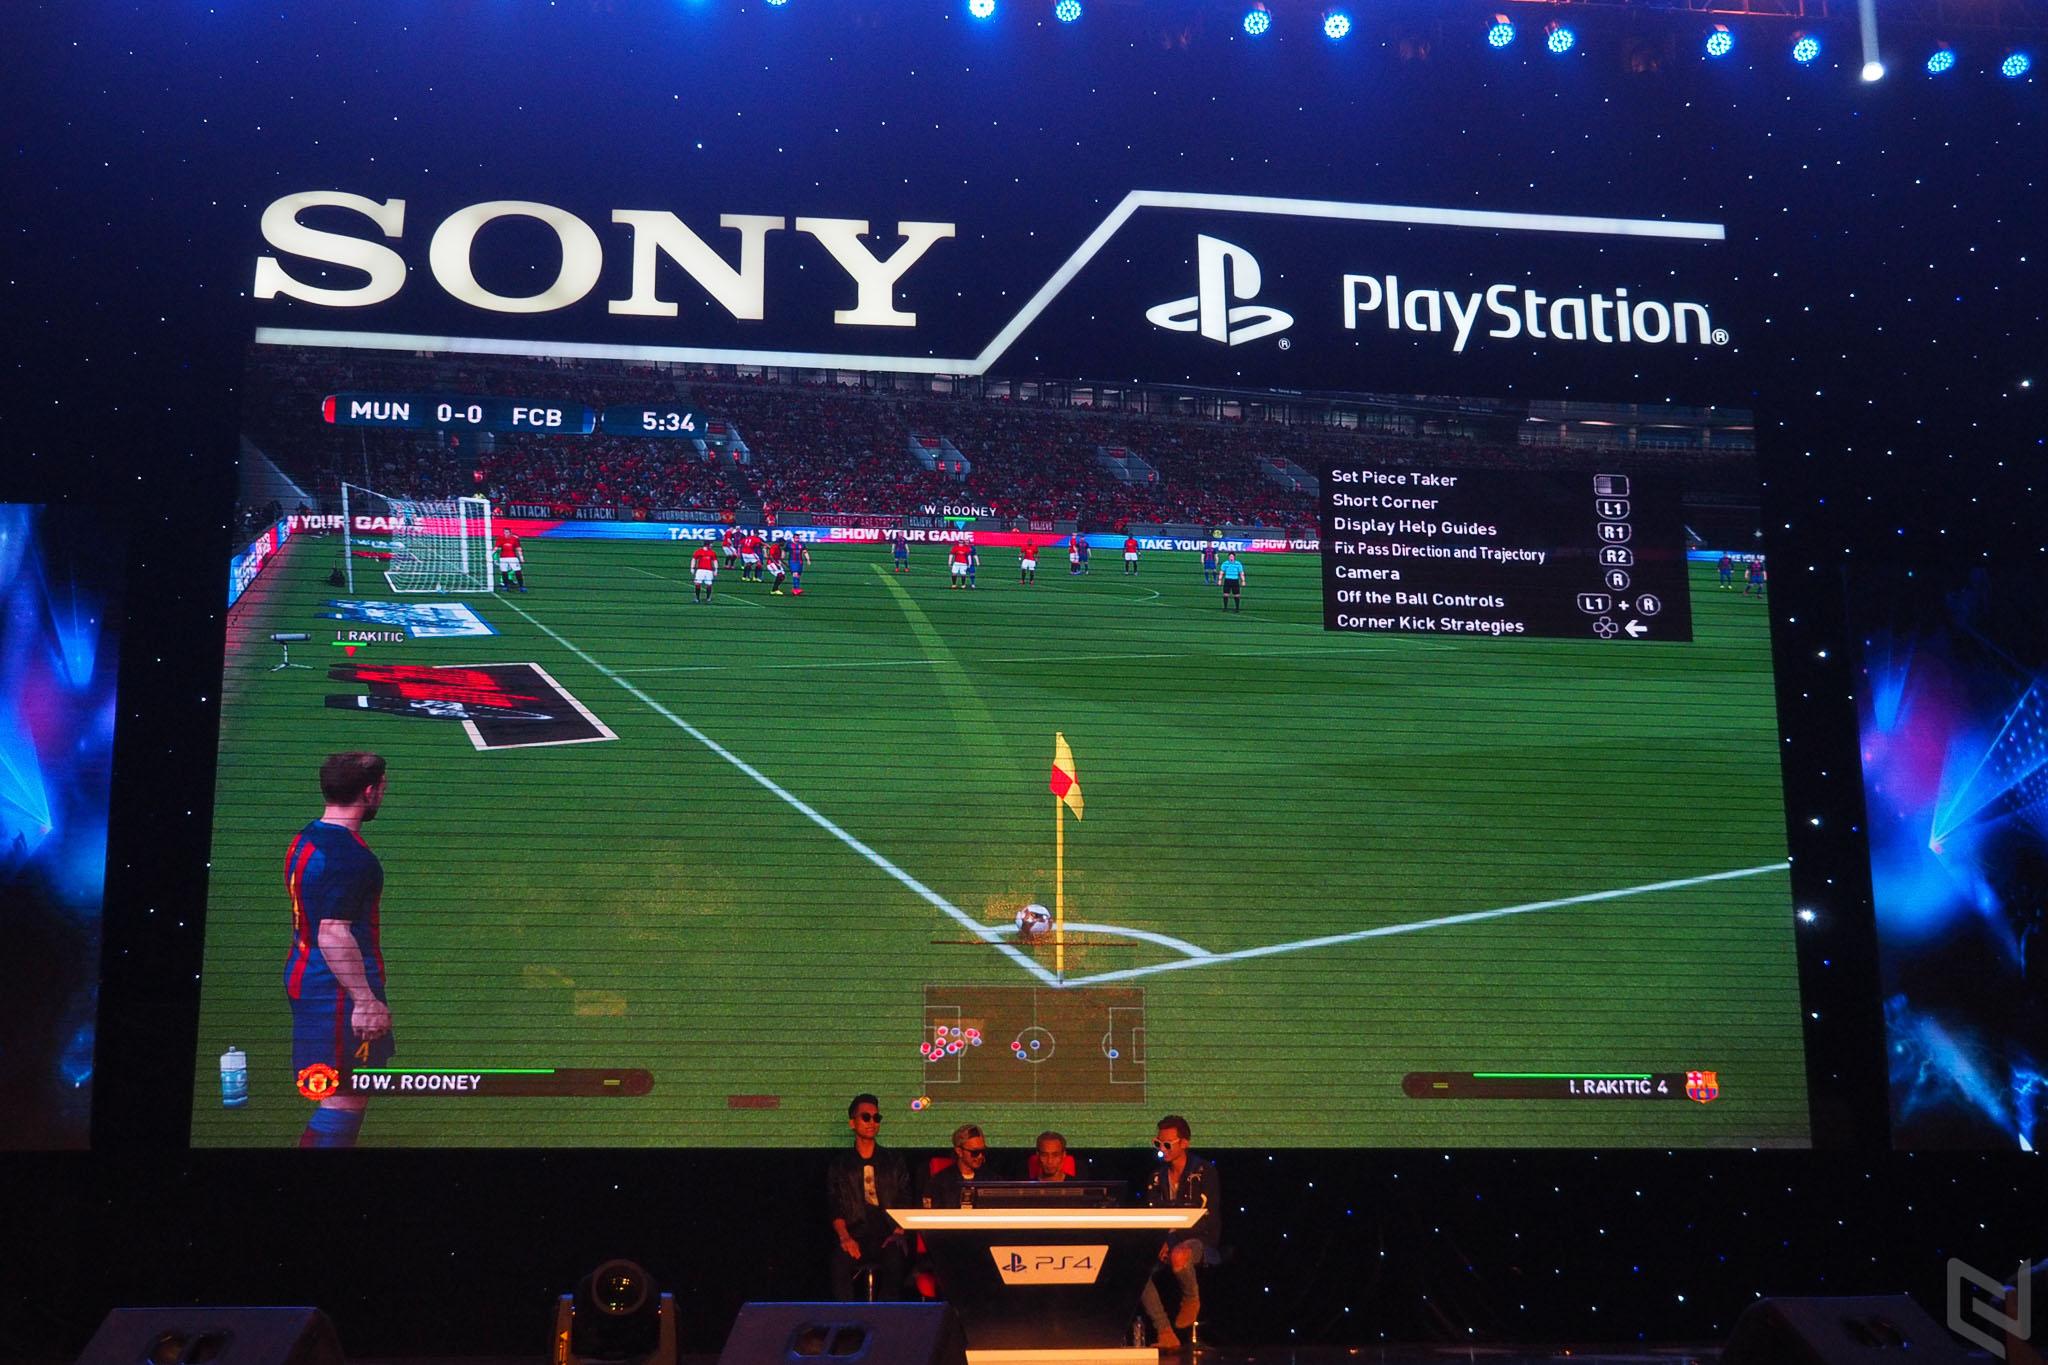 Phạm Anh Khoa thua đậm Hà Lê trong trận đấu PES tại Sony M.A.G Show